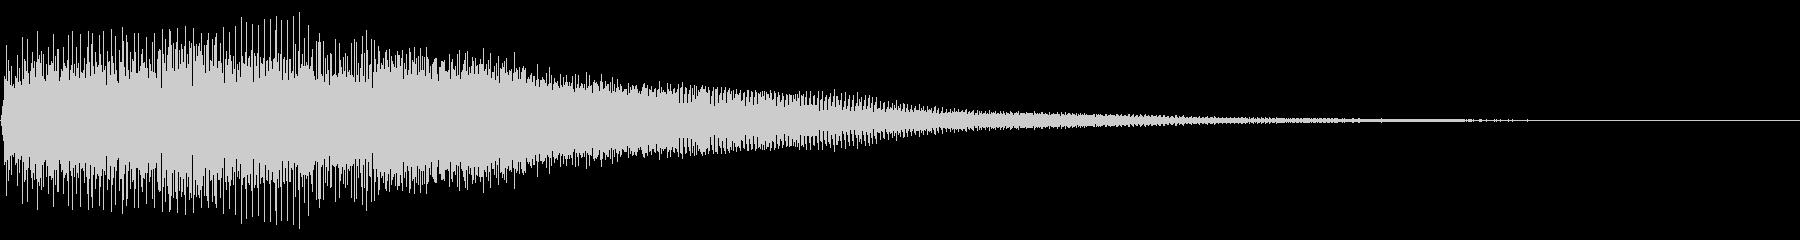 ベーシックな明るいボタン音ですの未再生の波形